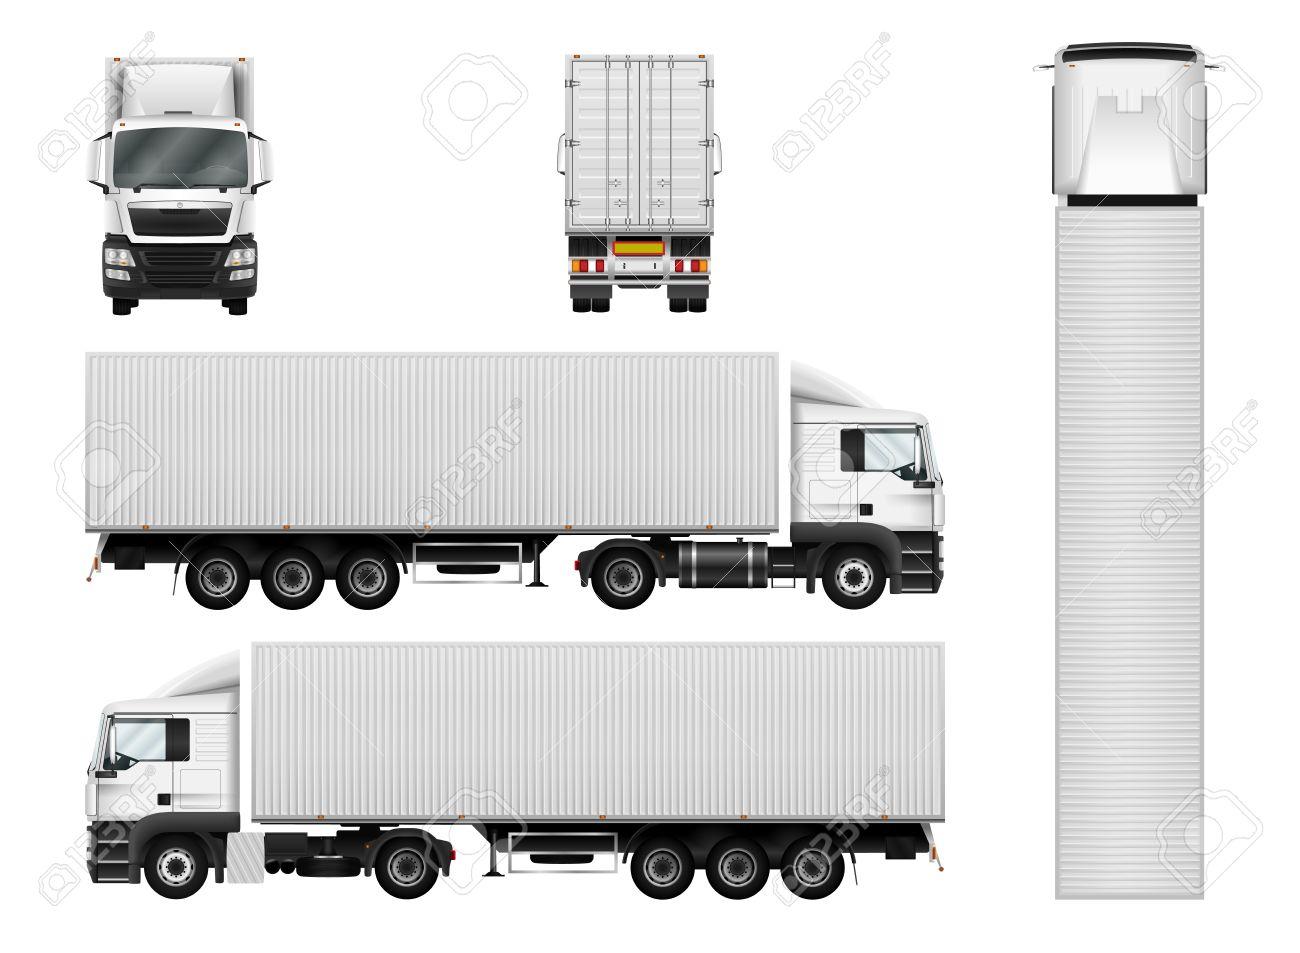 LKW-Anhänger Mit Container. Vector Semi Truck Vorlage Auf Weiß ...